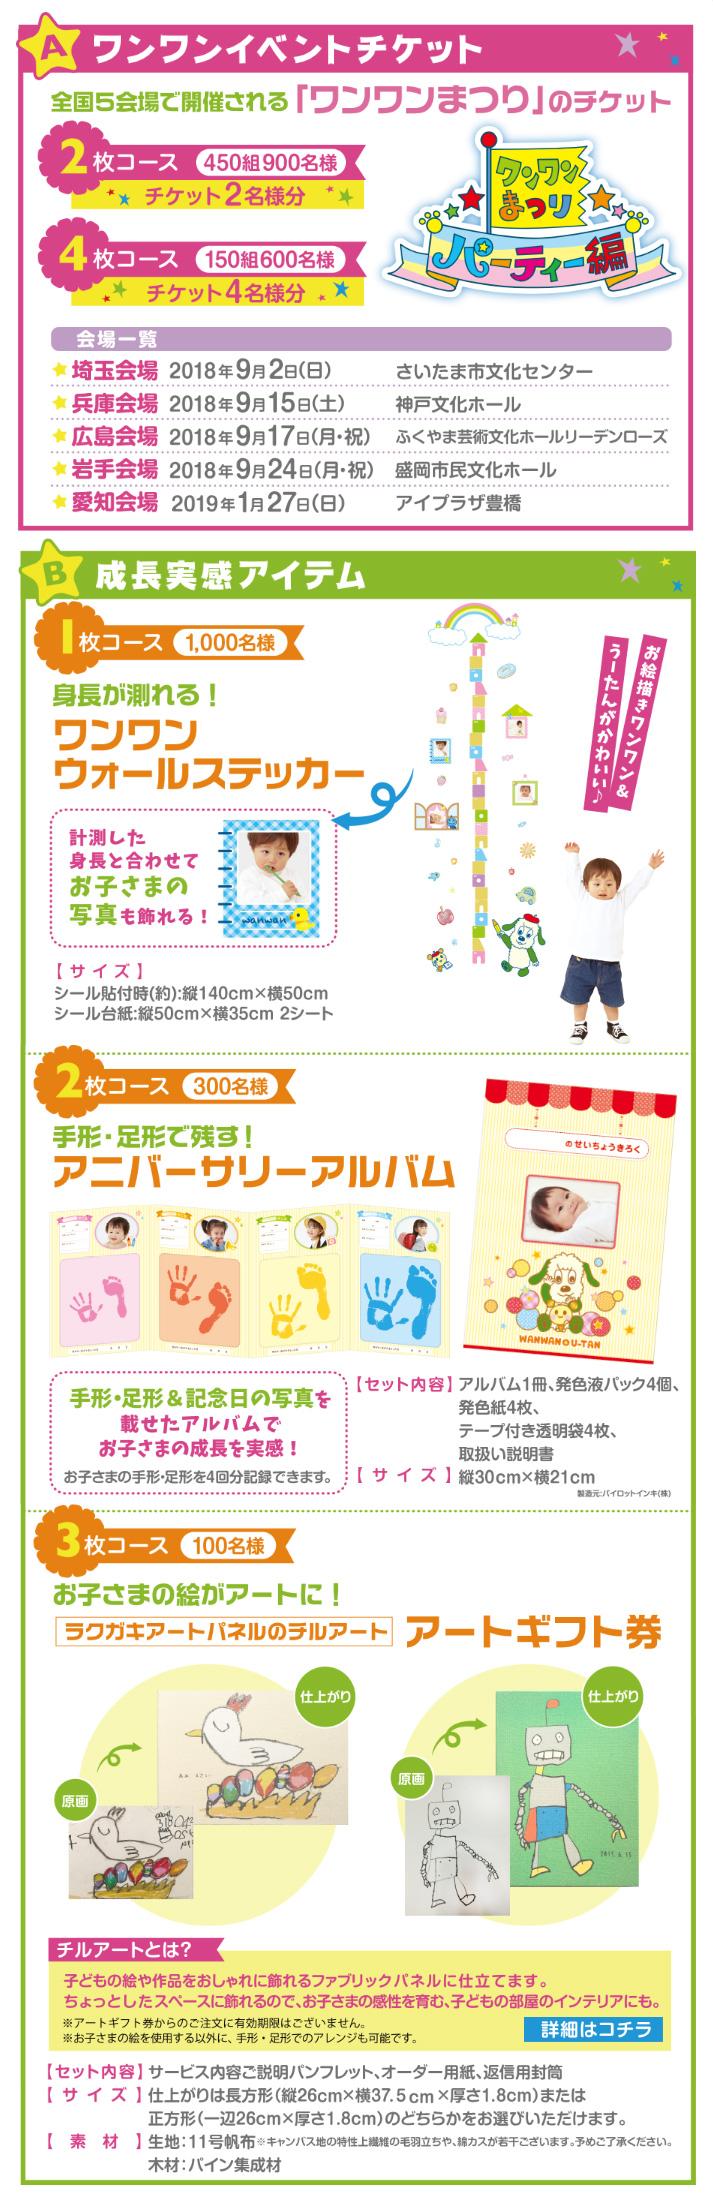 幼児のみもの ワンワンまつり懸賞キャンペーン2018 プレゼント懸賞品